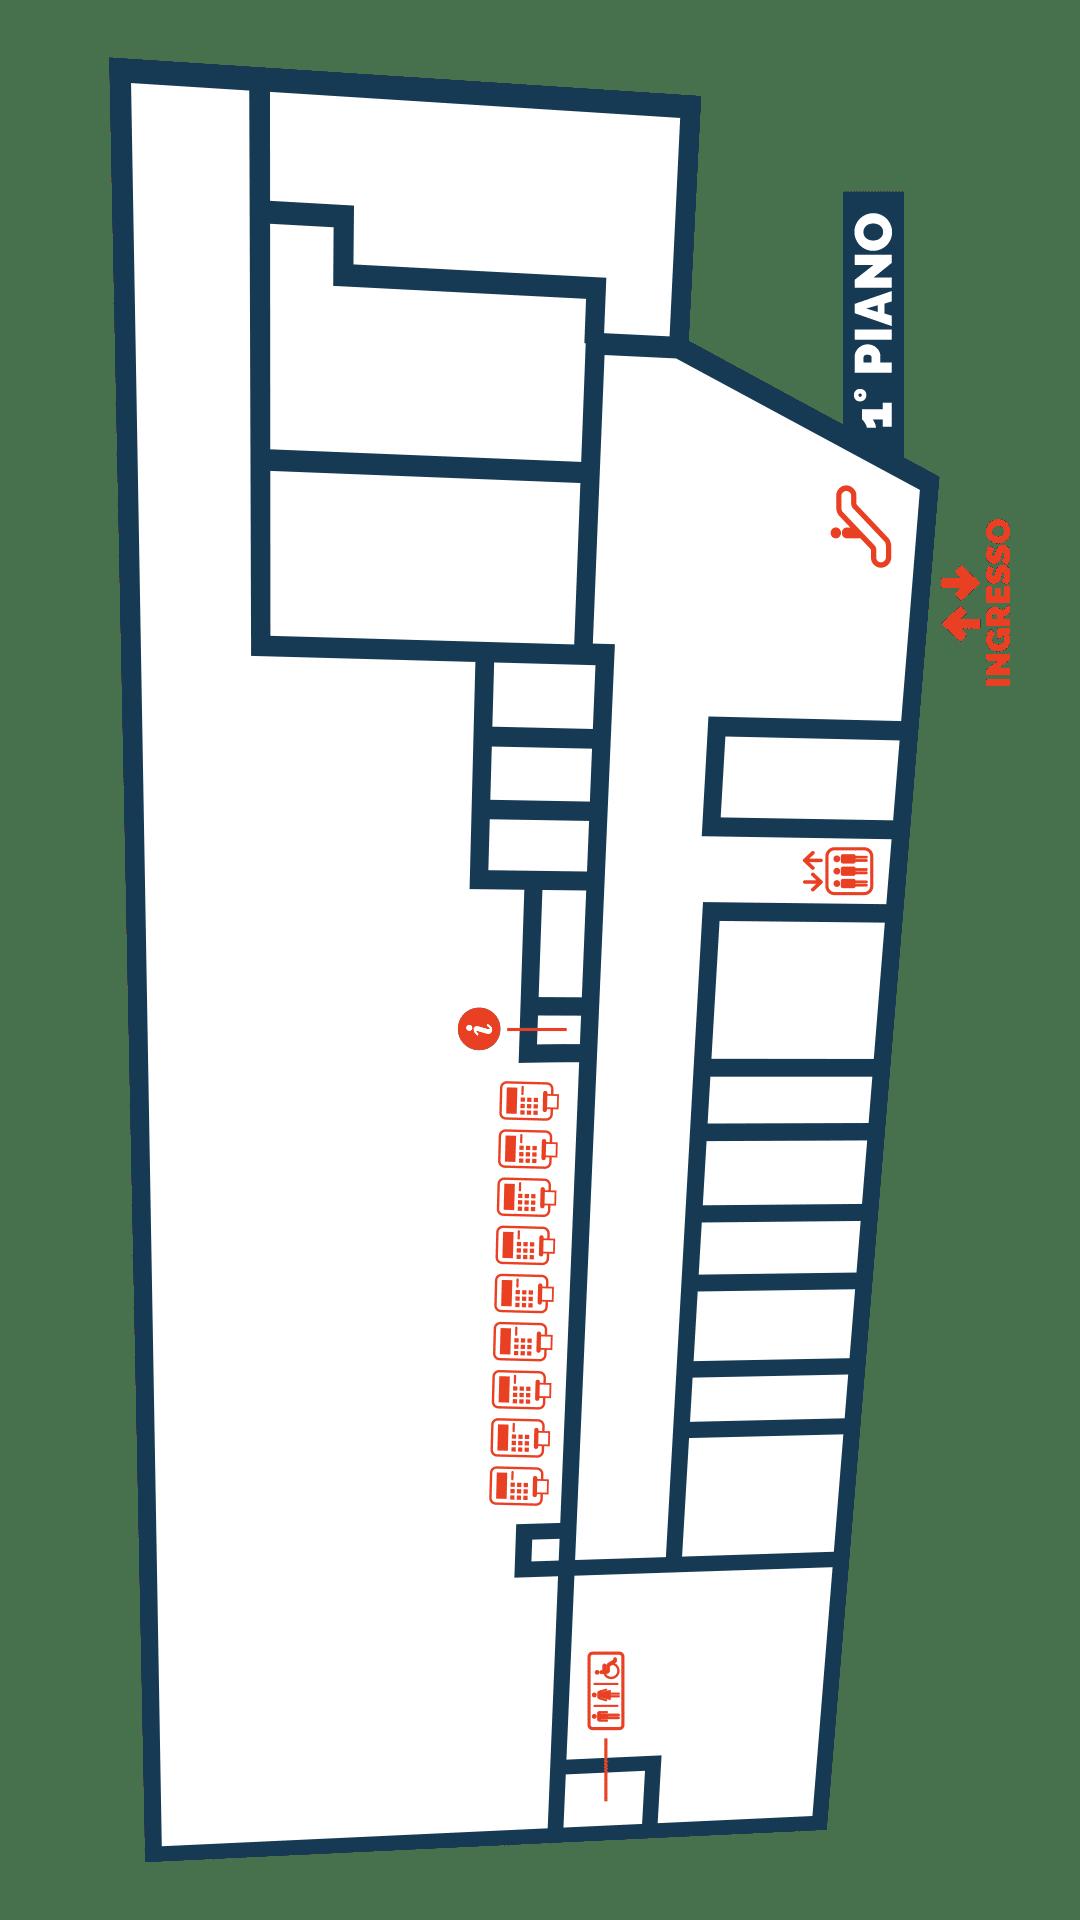 Gallerie Big, Mappa Negozi Alba